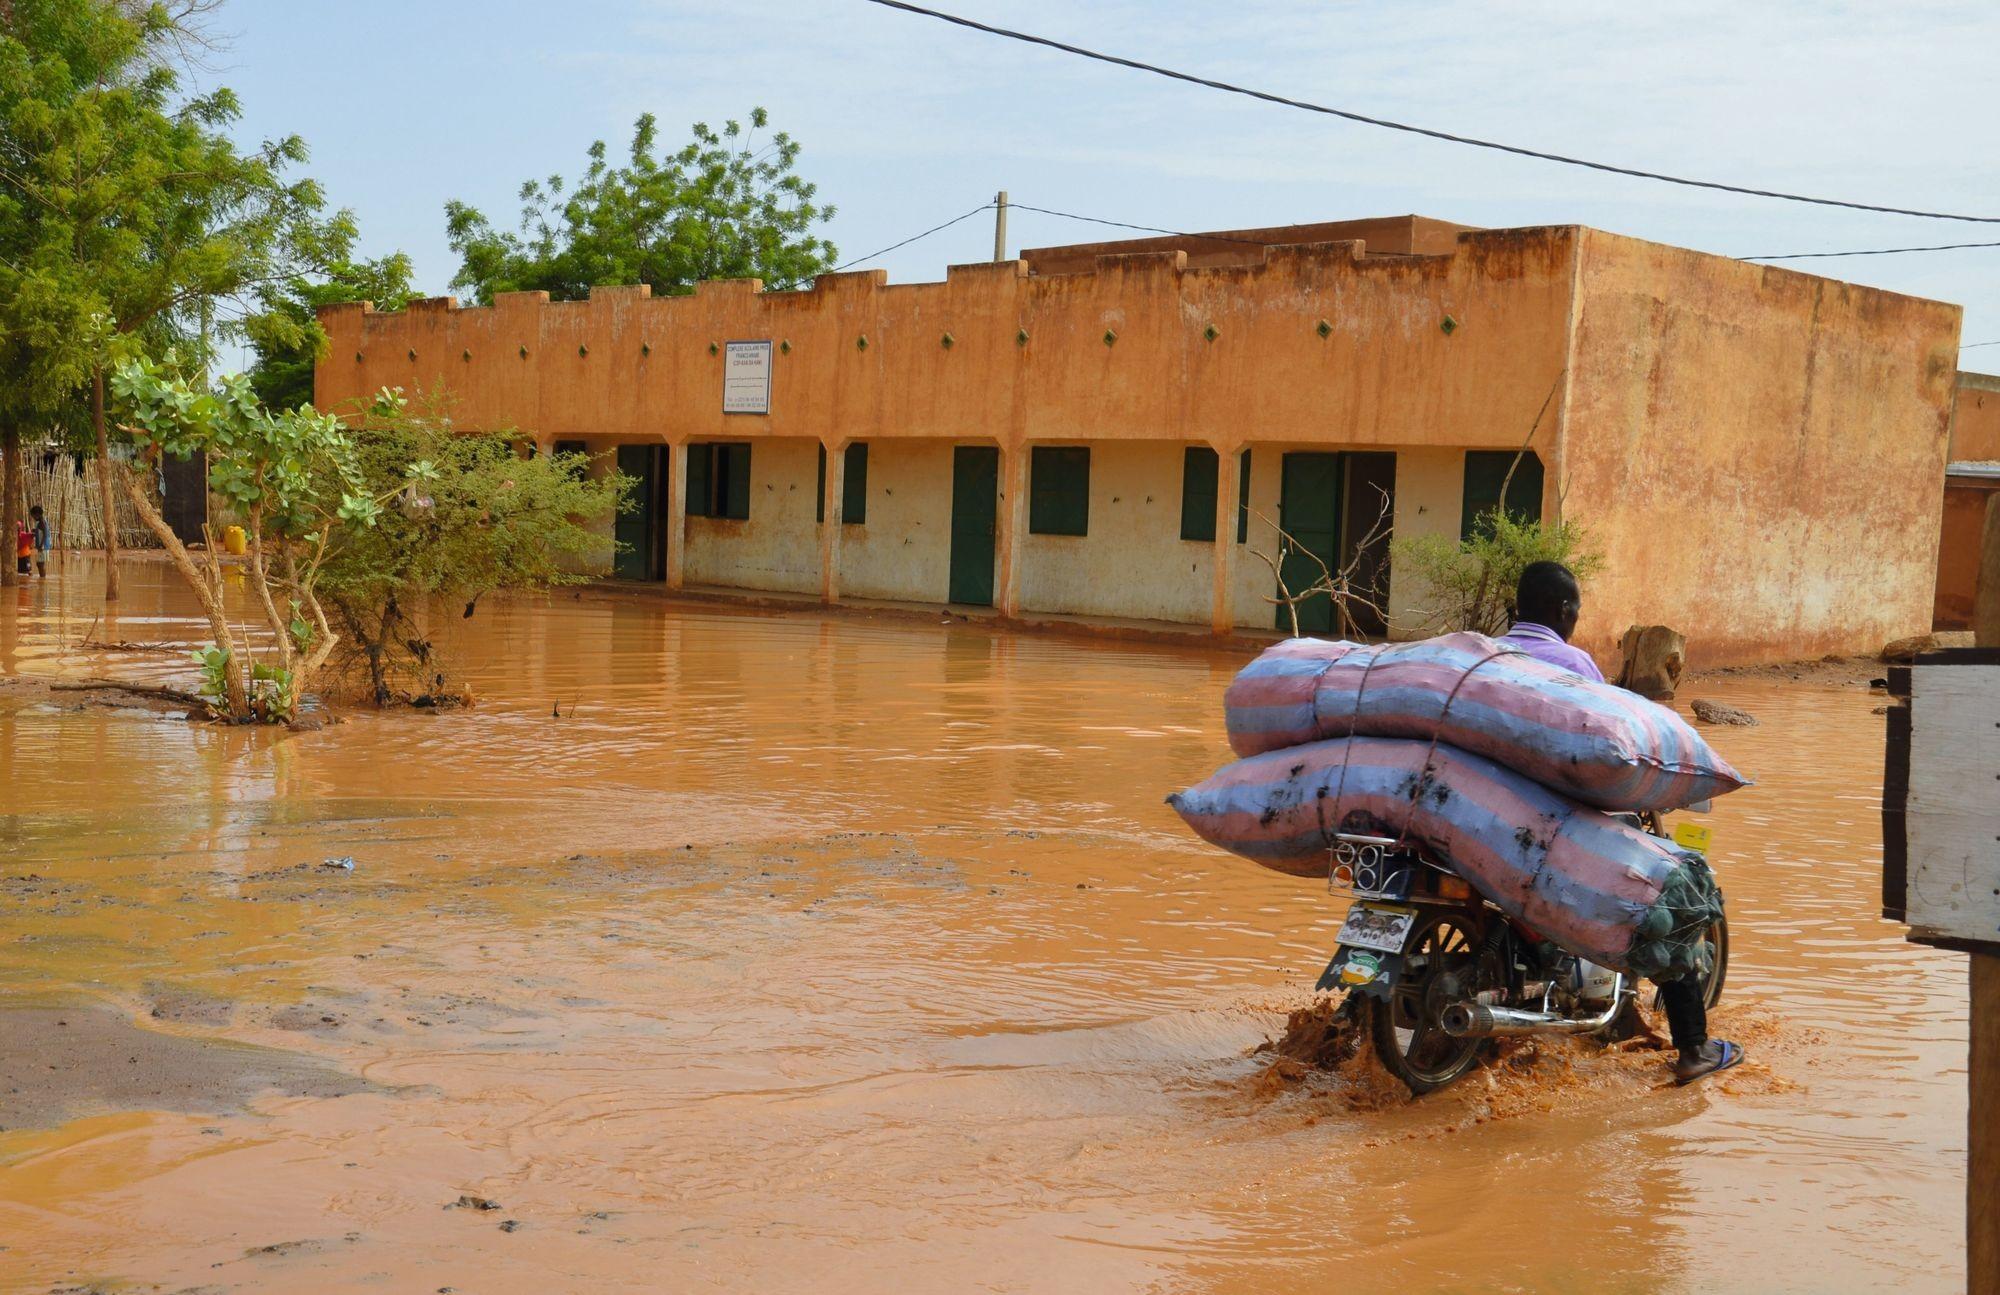 La capitale du Niger, située au bord d'un des plus grands fleuves d'Afrique, est régulièrement inondée